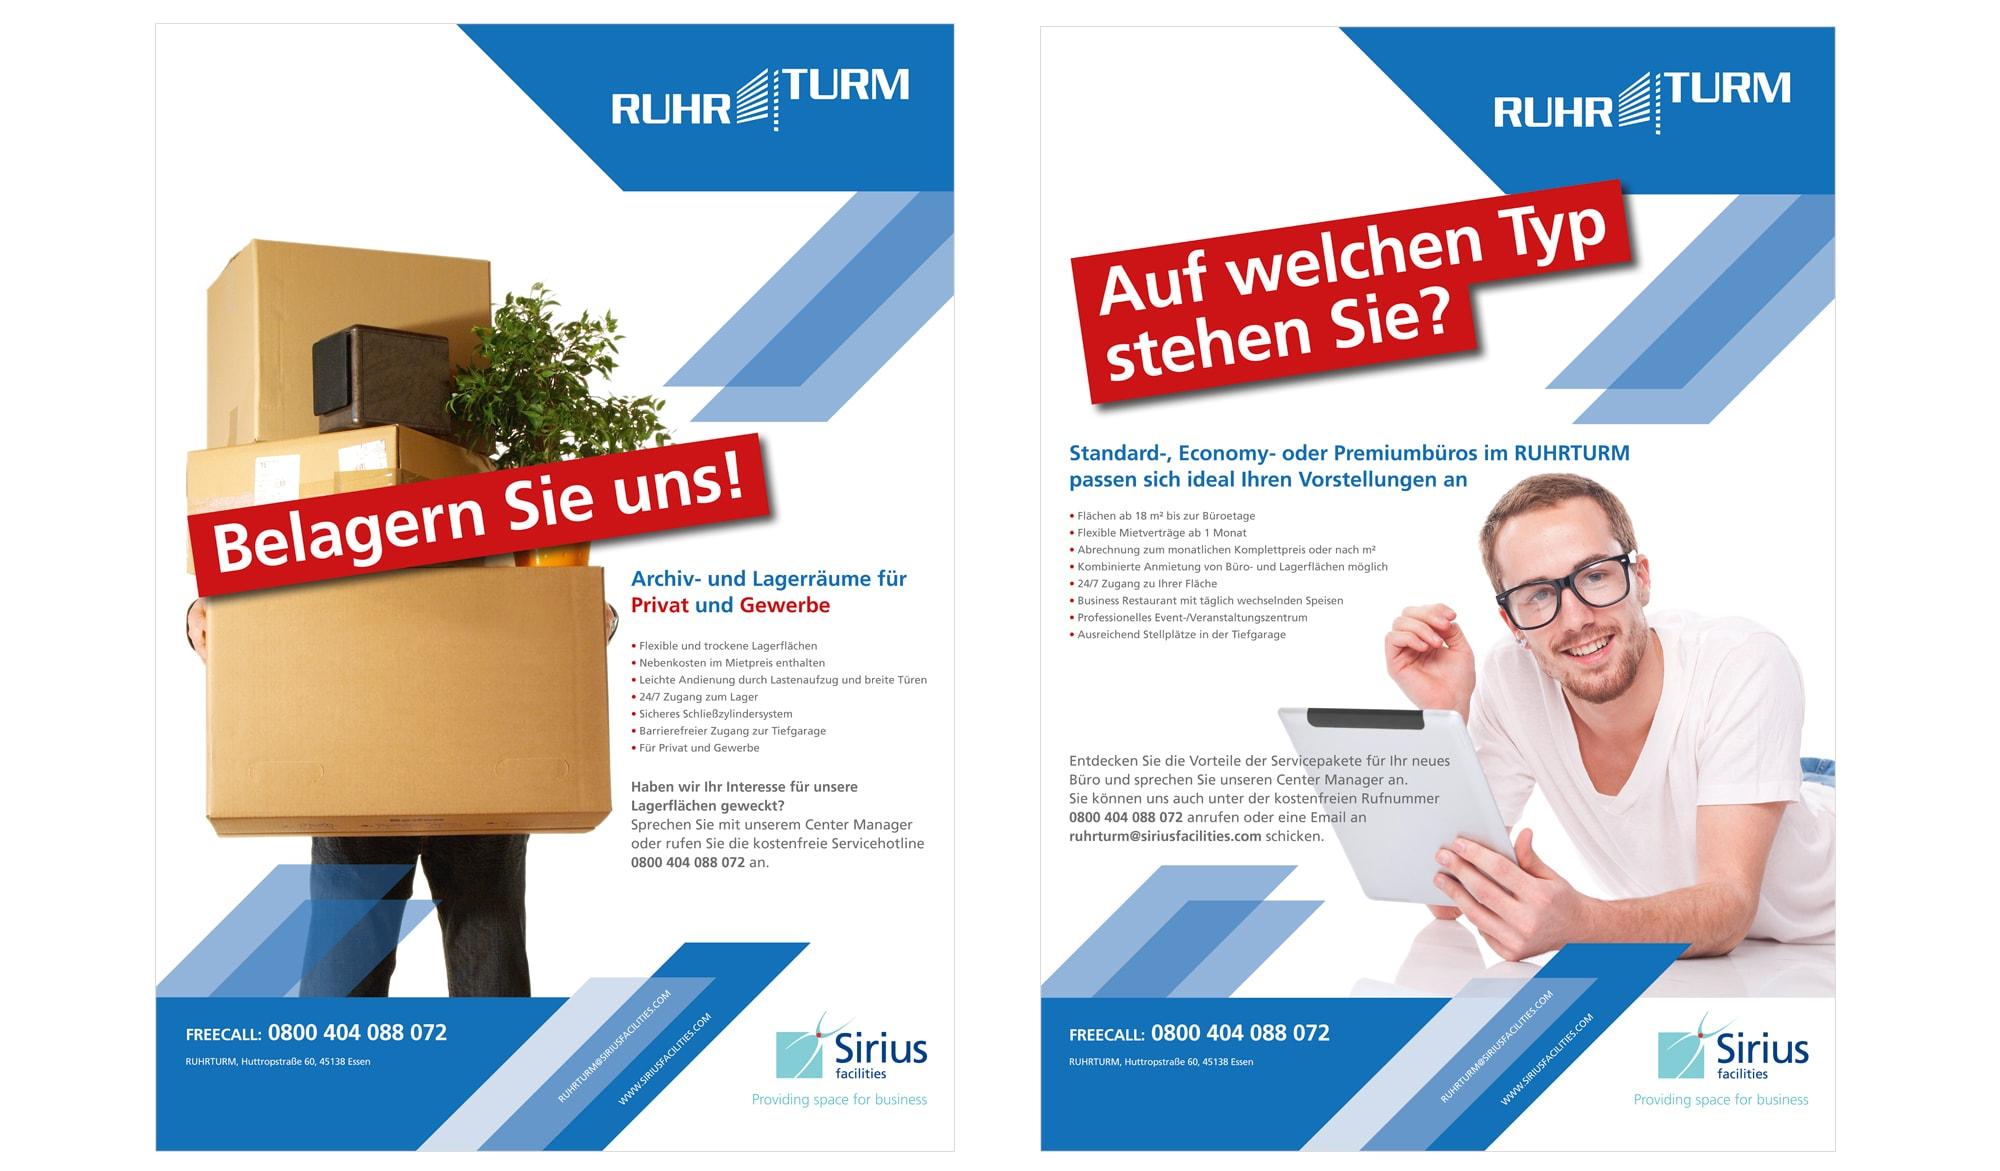 Rhurturm - adverts